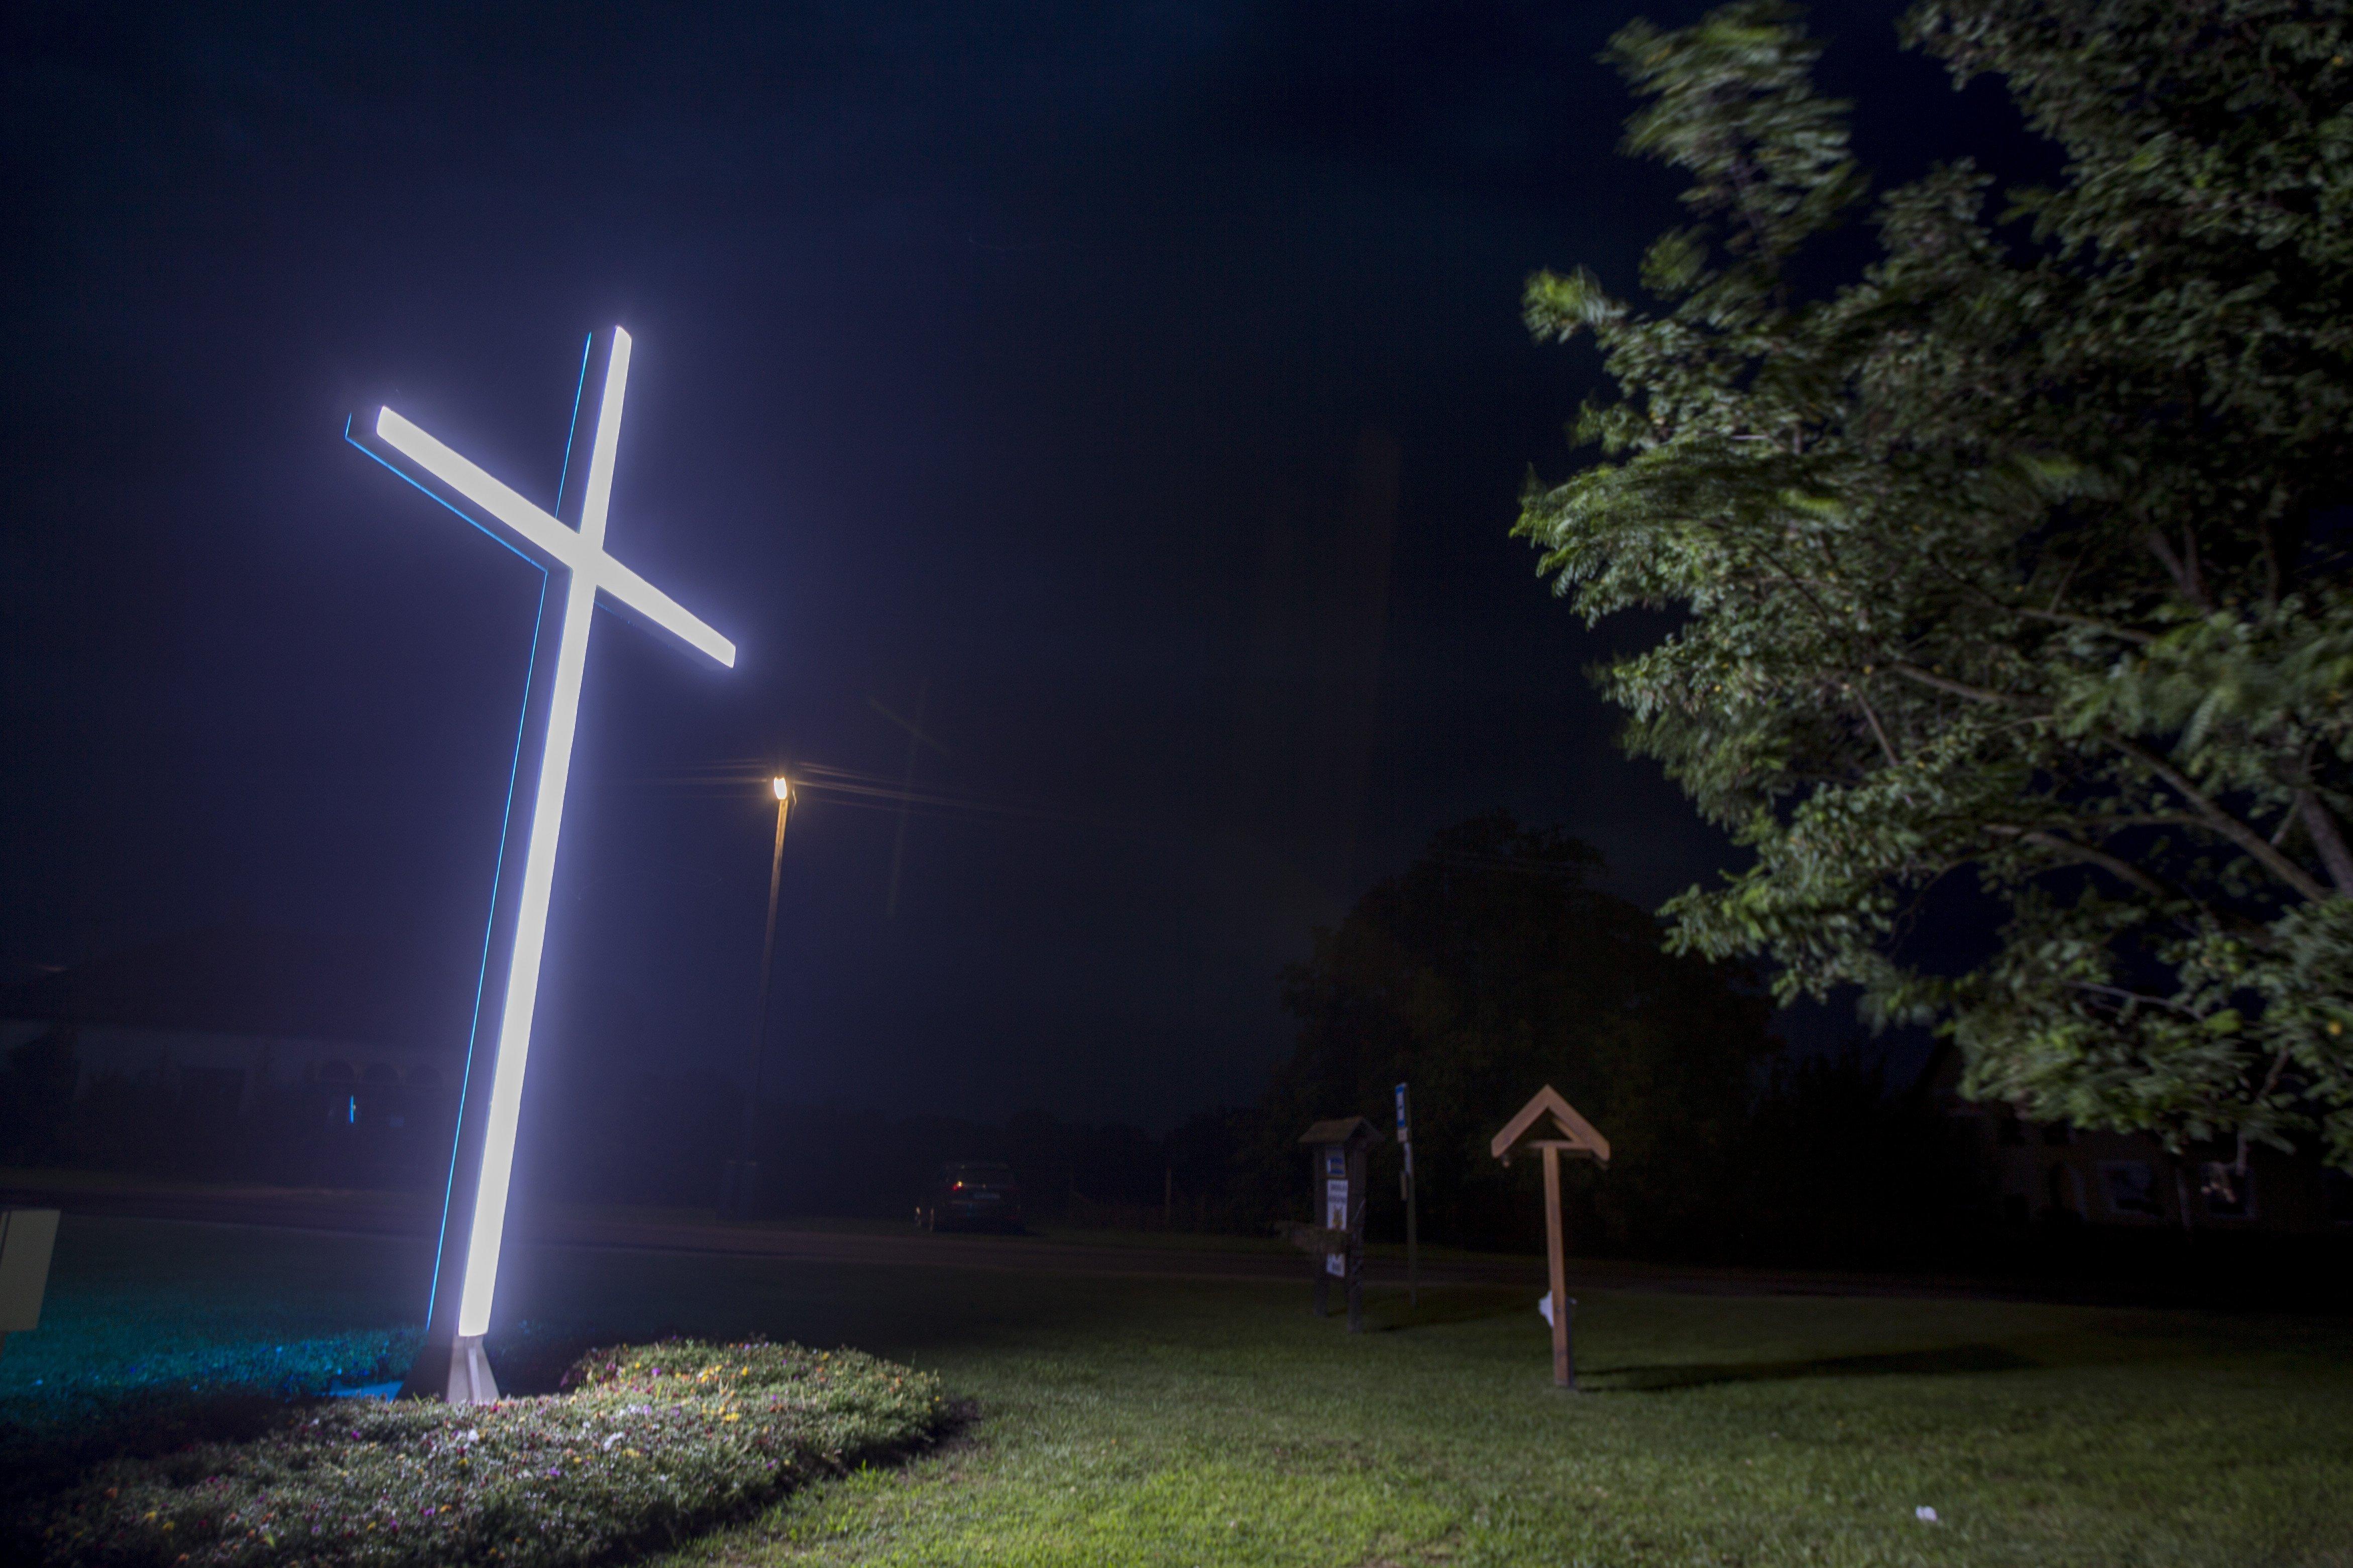 Csongrád megyében felállítottak egy hatméteres, világító keresztet